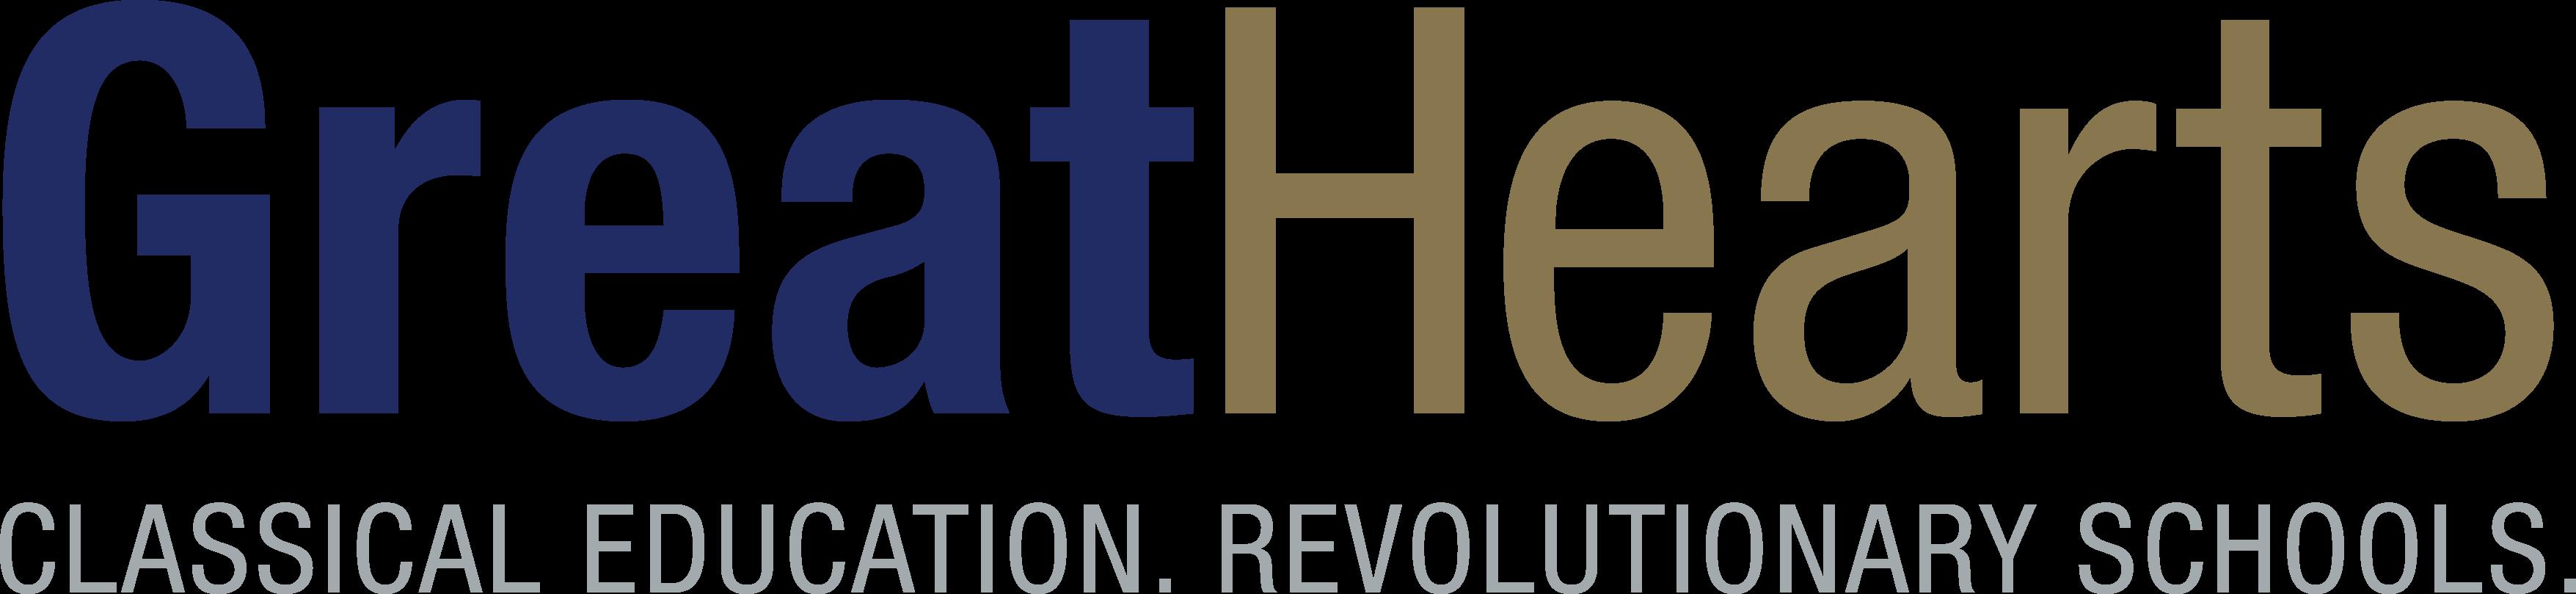 Great Hearts logo